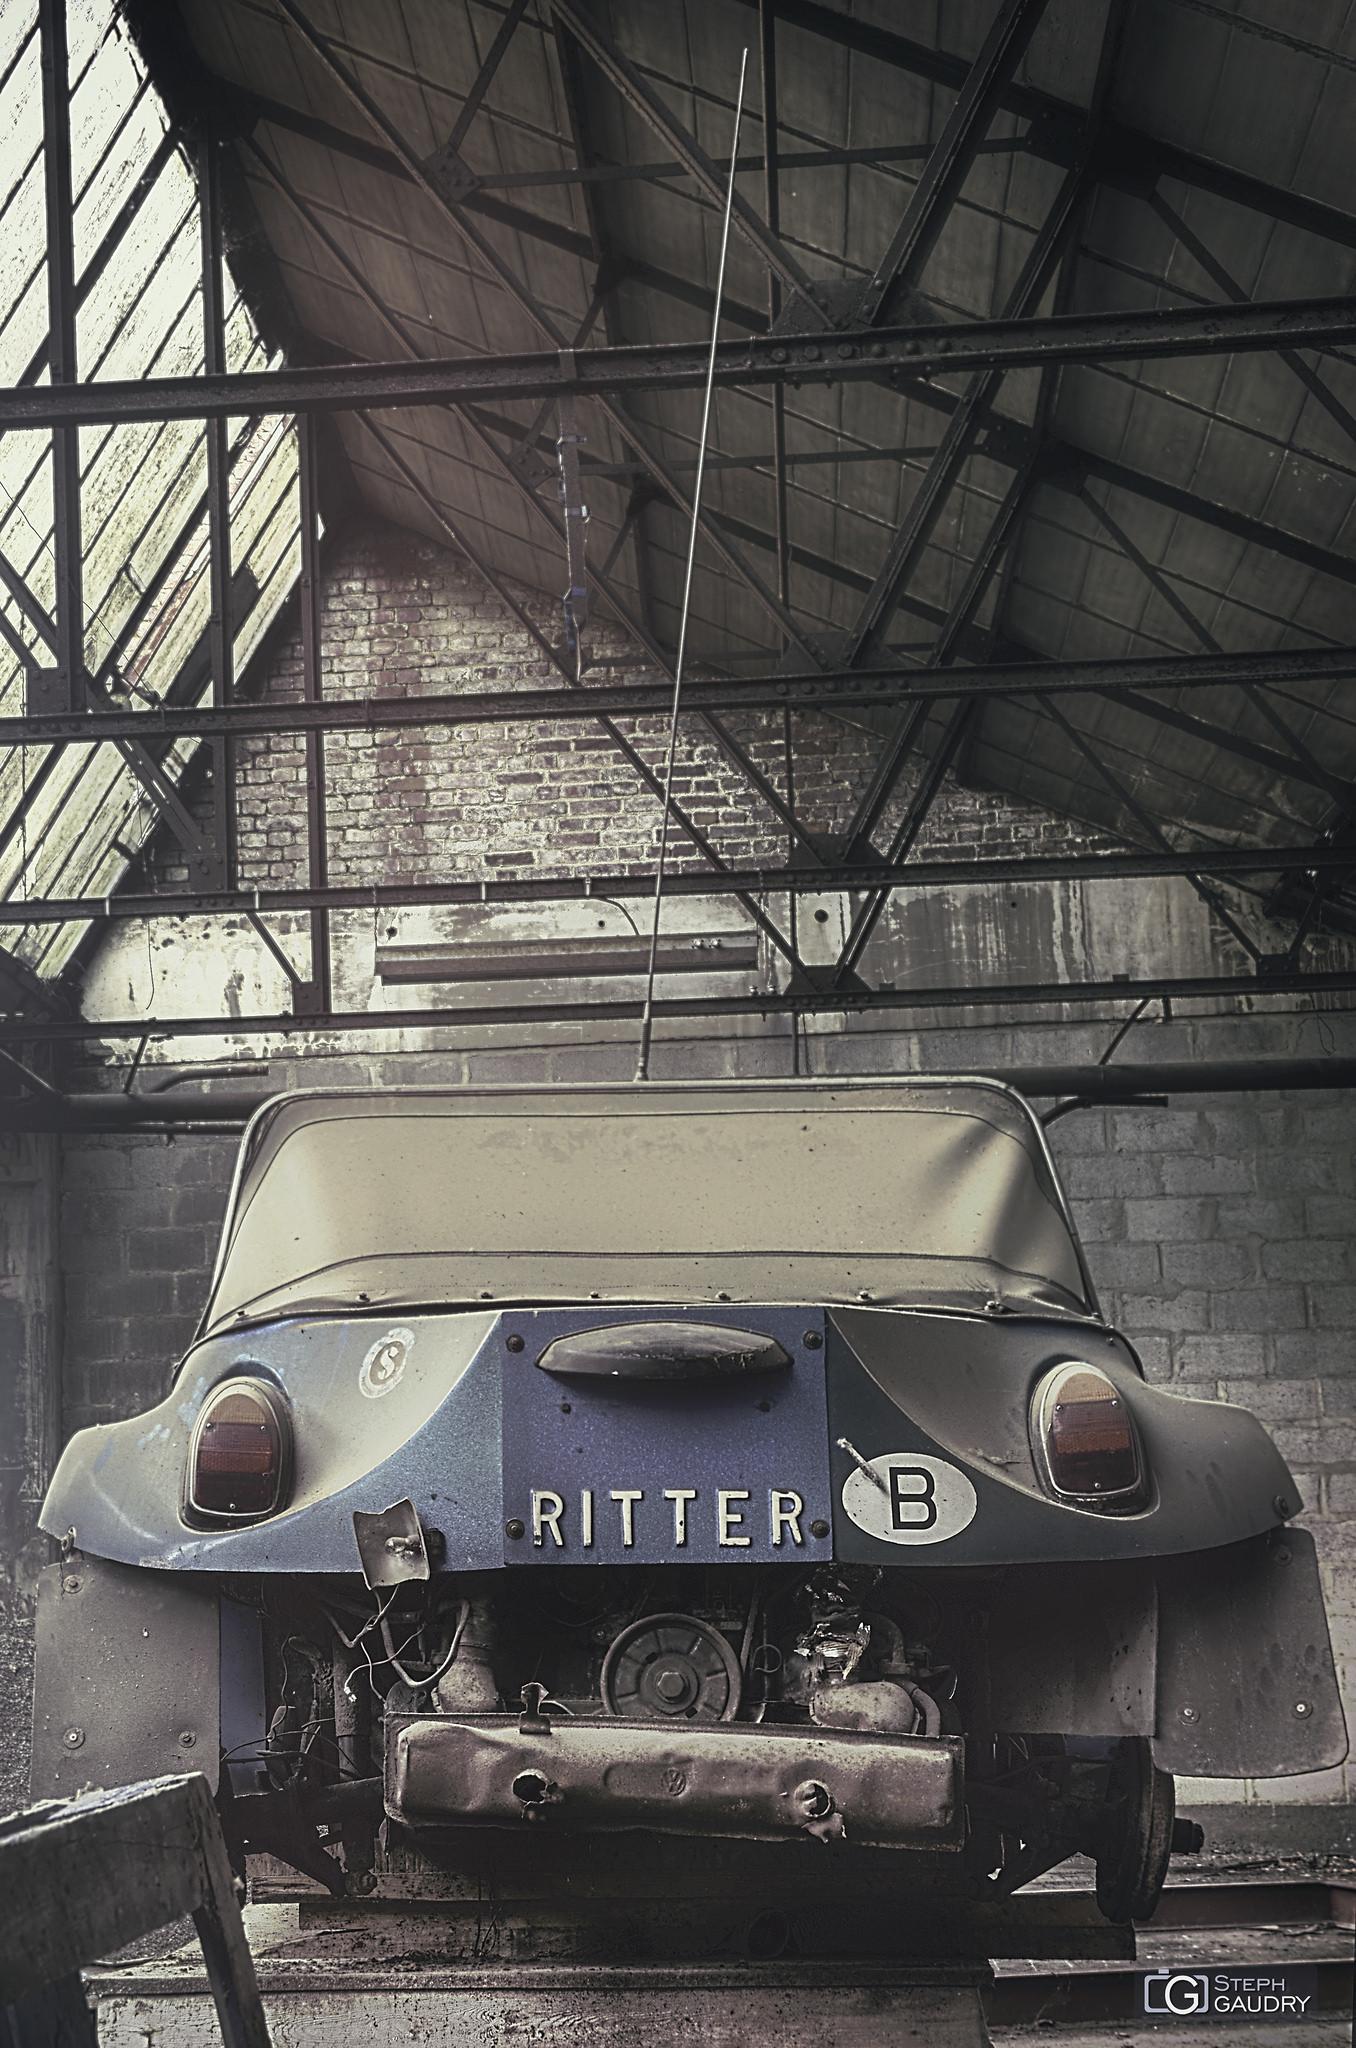 RITTER on rails - rear [Klik om de diavoorstelling te starten]